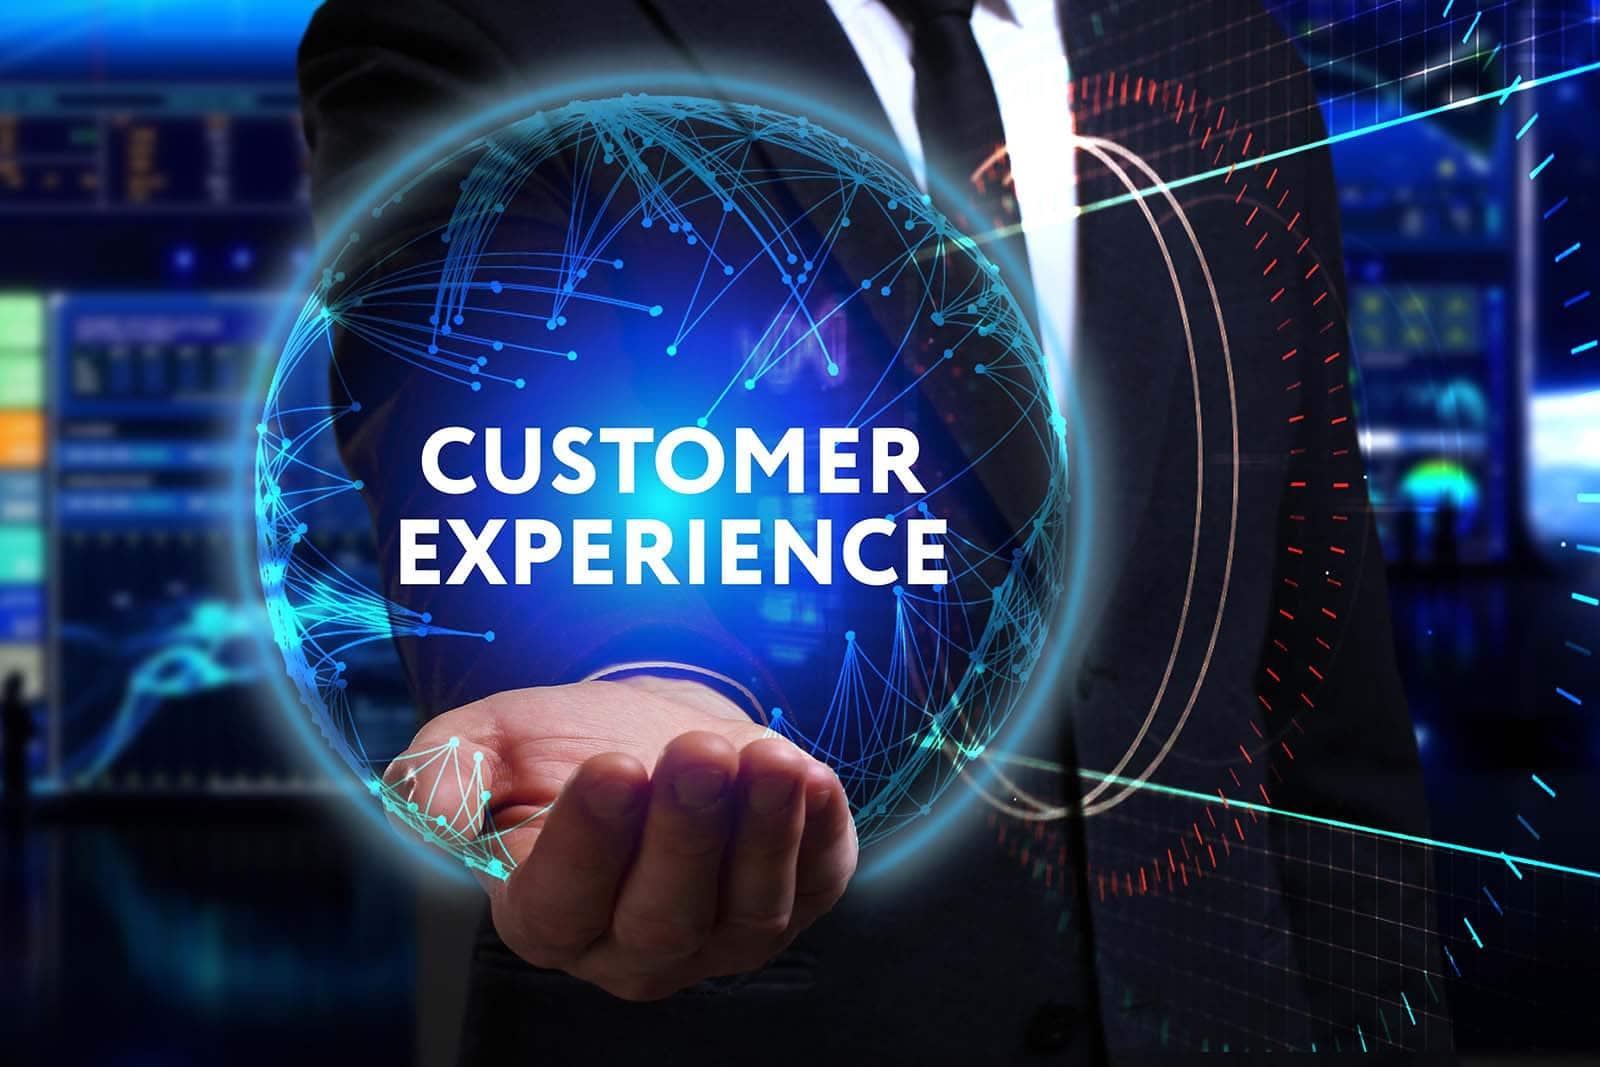 Come aumentare la soddisfazione del cliente grazie all'IoT